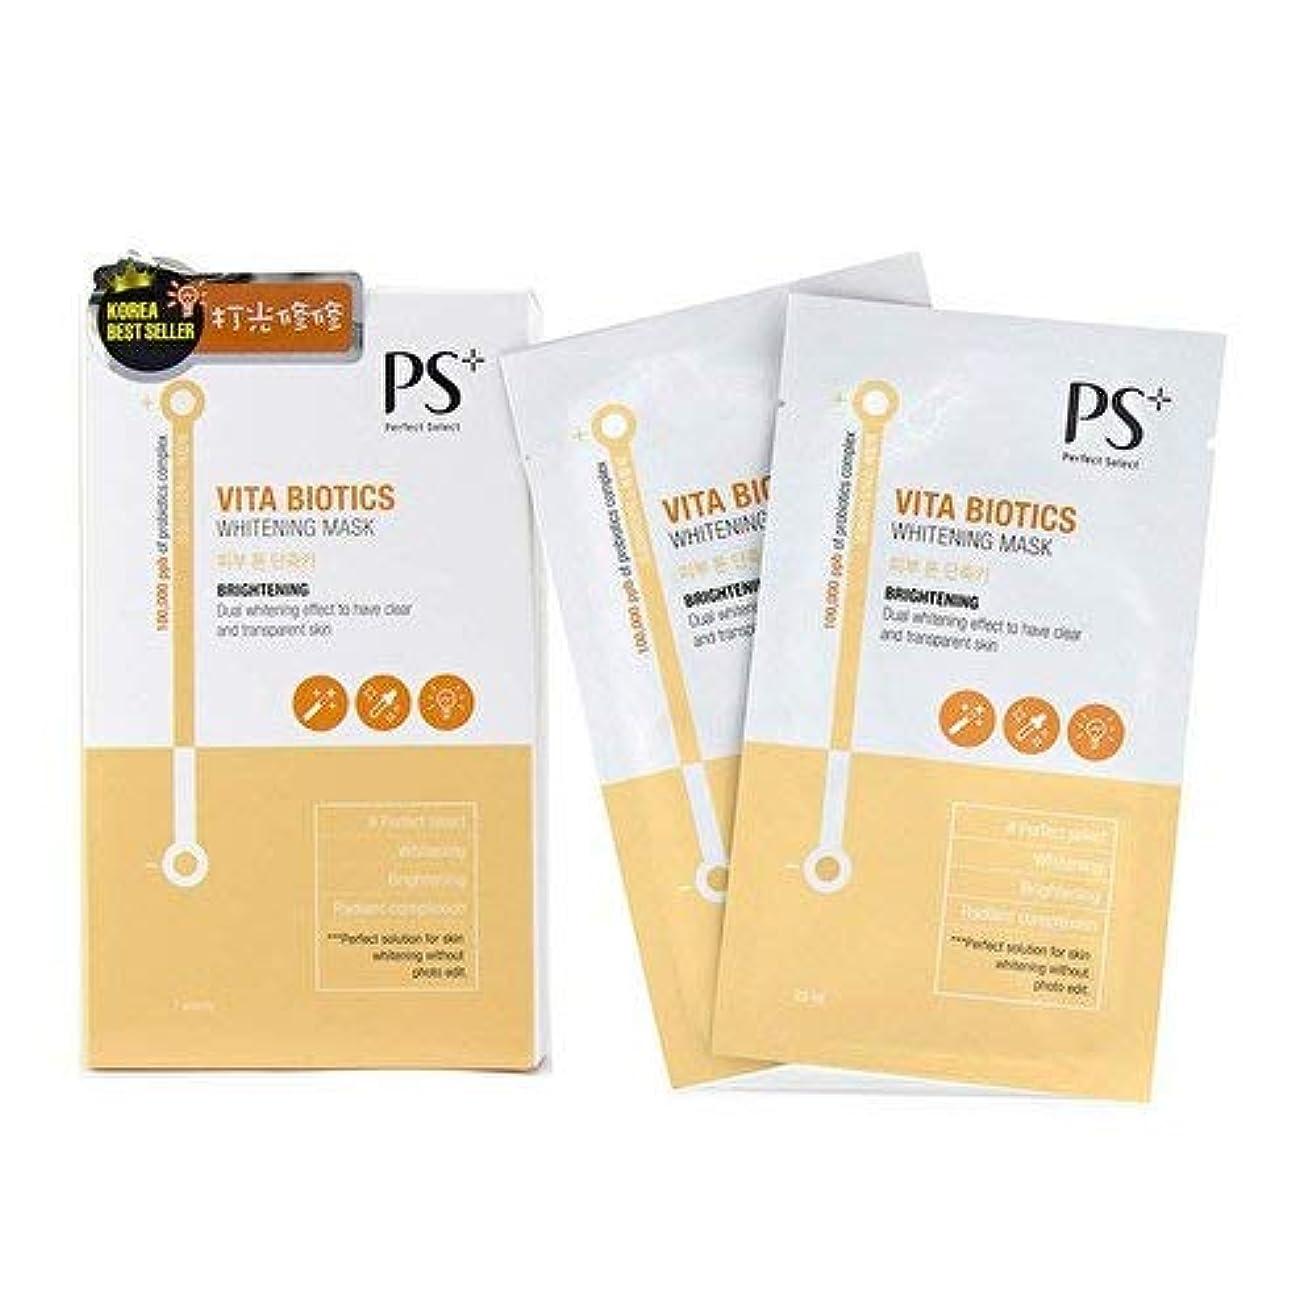 トチの実の木伝染性喜んでPS Perfect Select Vita Biotics Whitening Mask - Brightening 7pcs並行輸入品